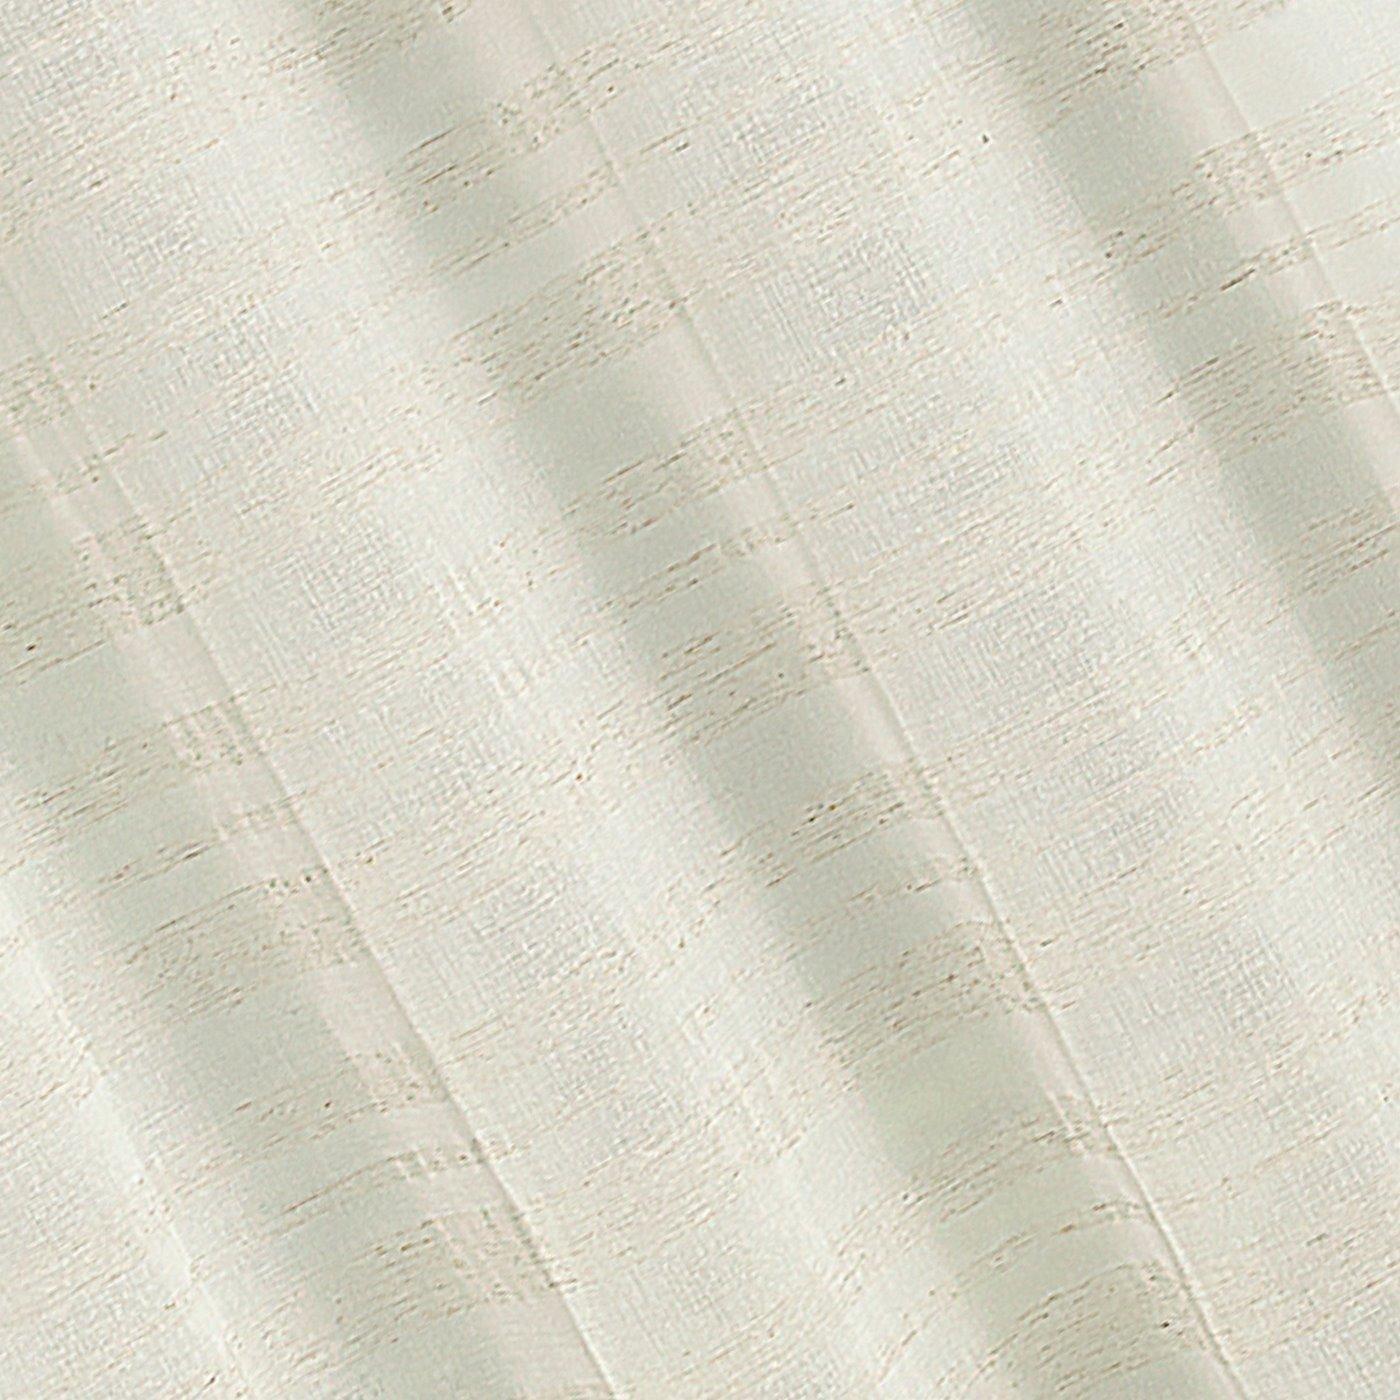 Zasłona w stylu eco subtelne pasy przelotki 140x250cm